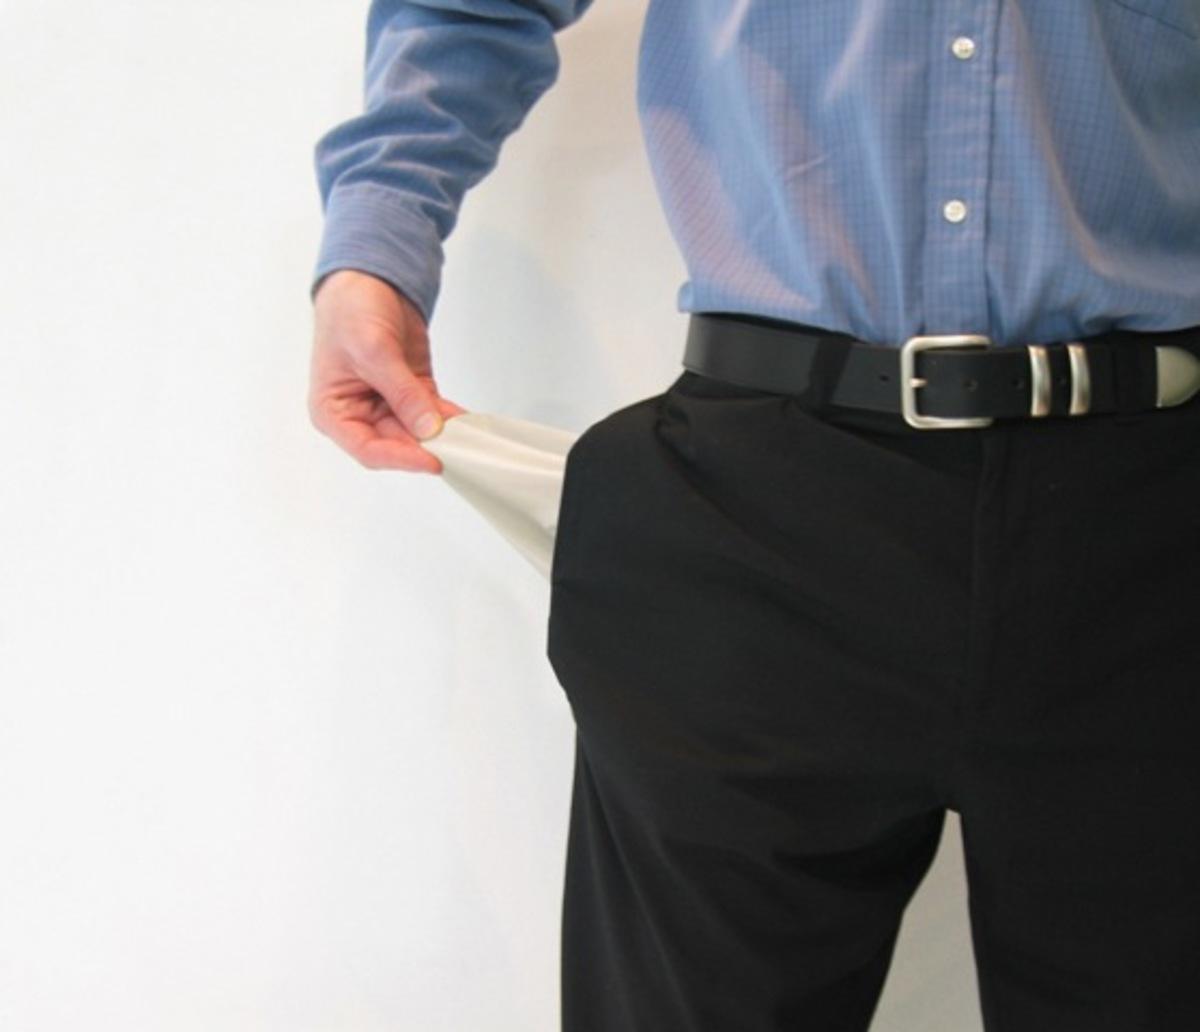 Αναζητούν άμεσα δάνειο για να μην κηρύξει στάση πληρωμών το Δημόσιο | Newsit.gr